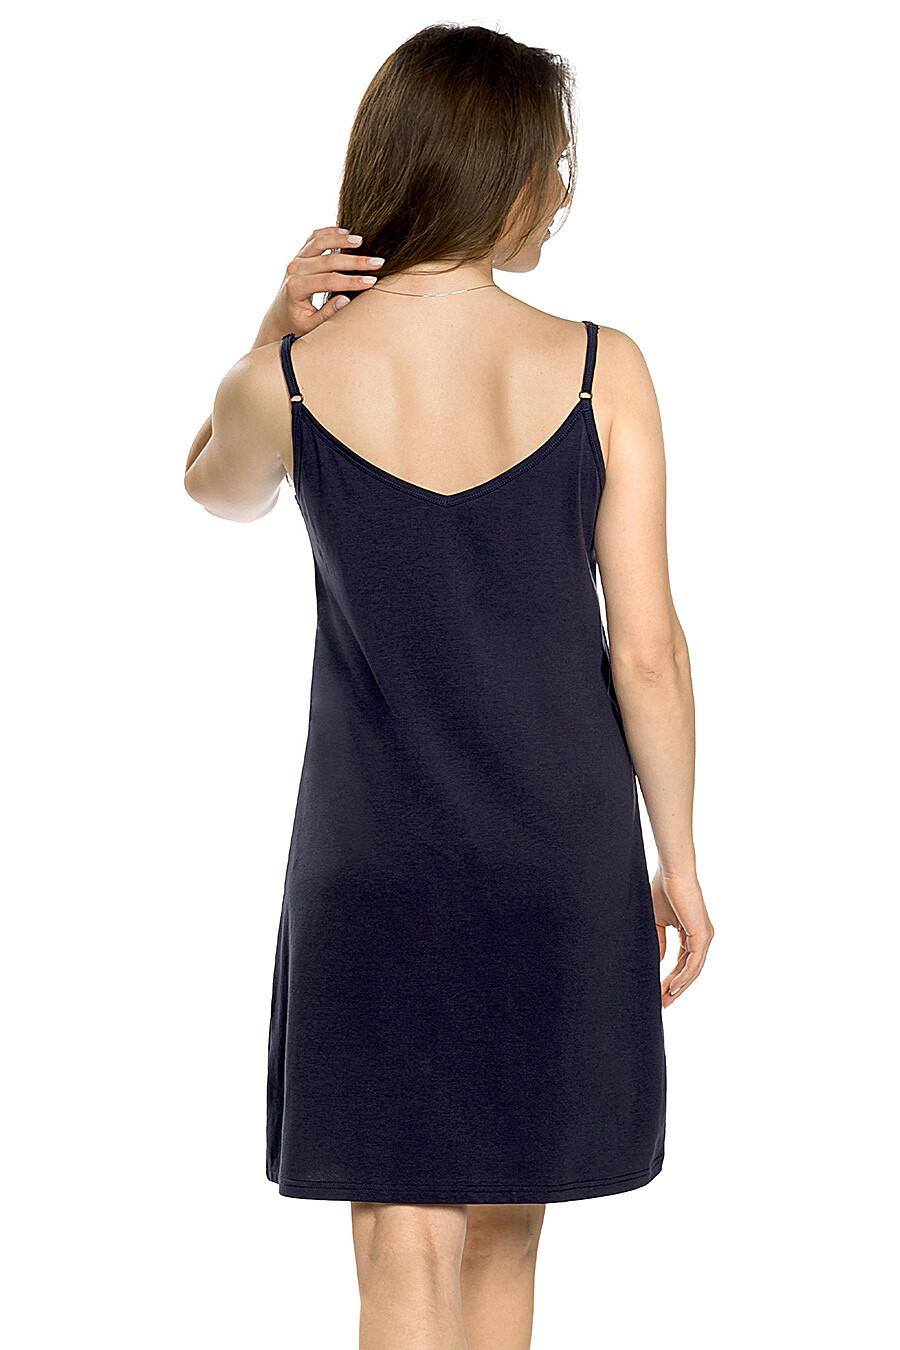 Платье для женщин PELICAN 161482 купить оптом от производителя. Совместная покупка женской одежды в OptMoyo